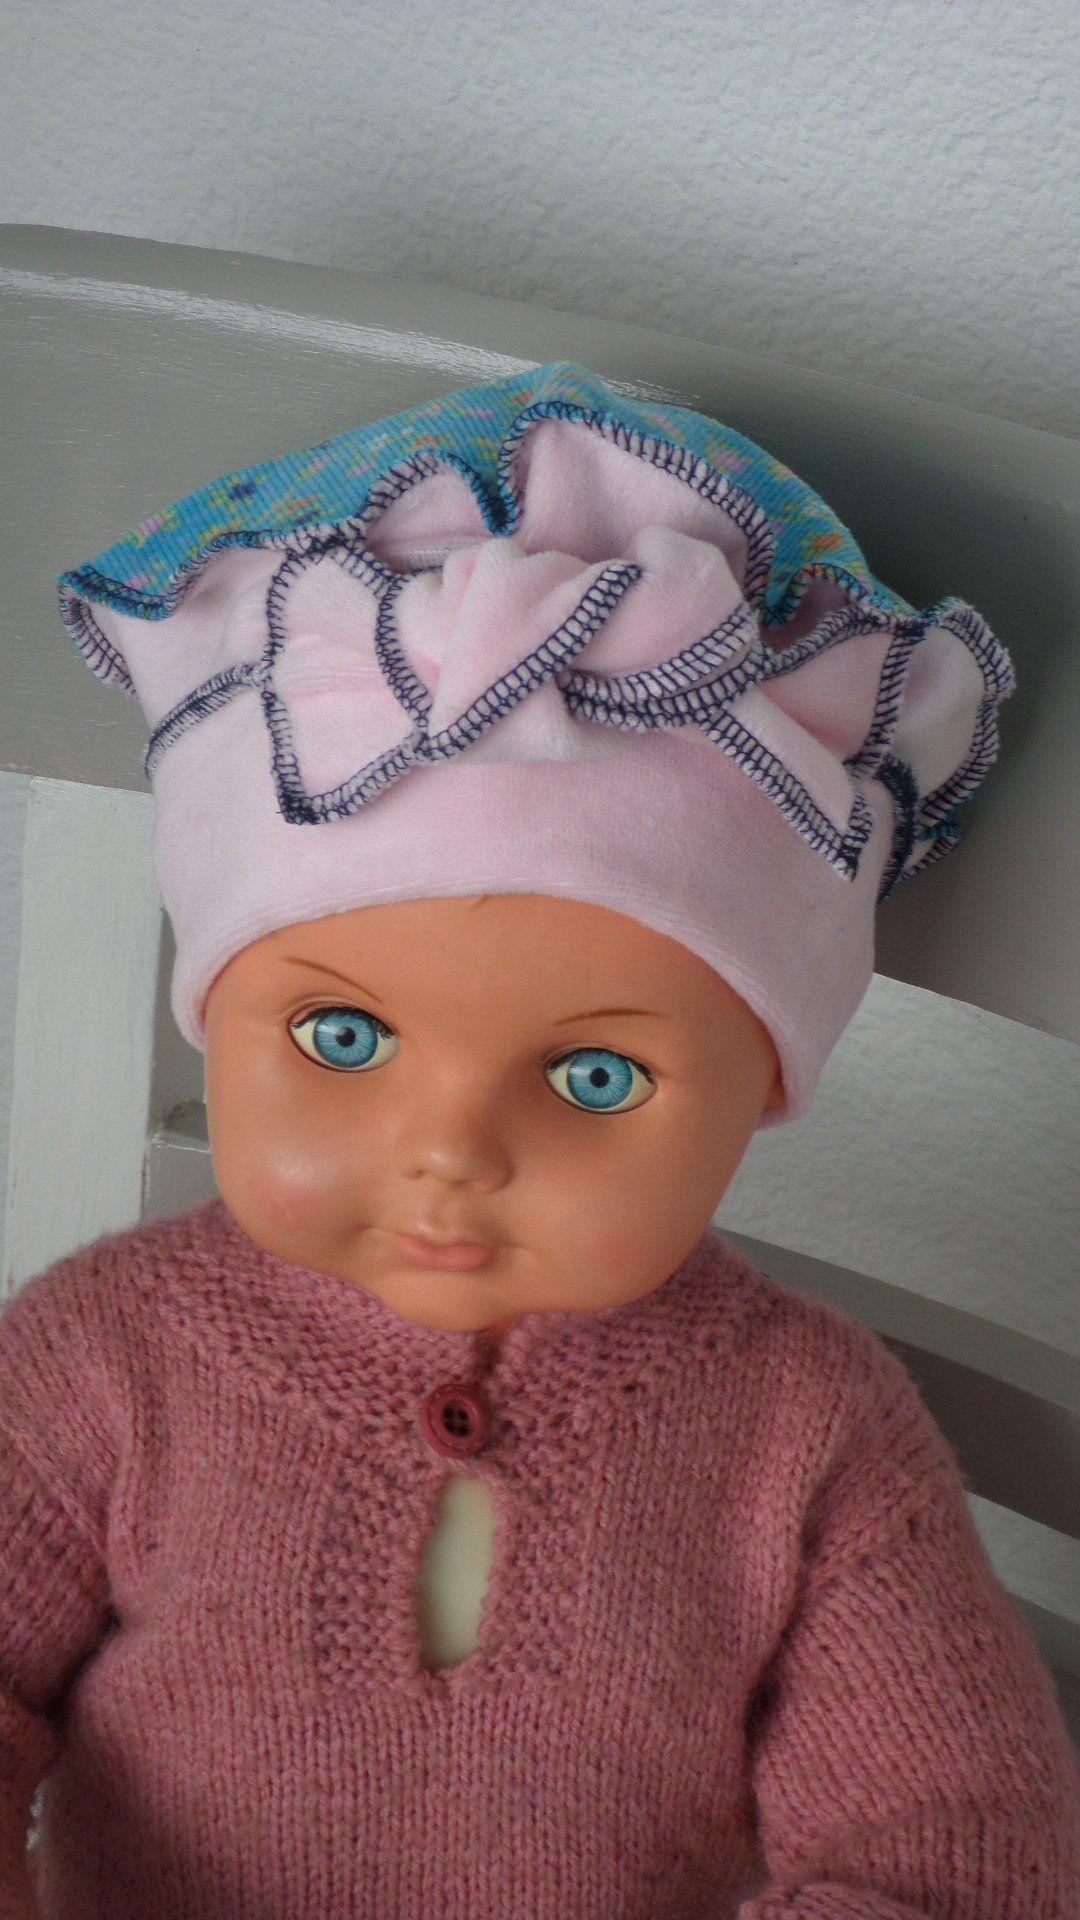 Épinglé par les idées de lin eva sur BONNETS BÉBÉ   Beret, Hats et Baby 94174c23be0